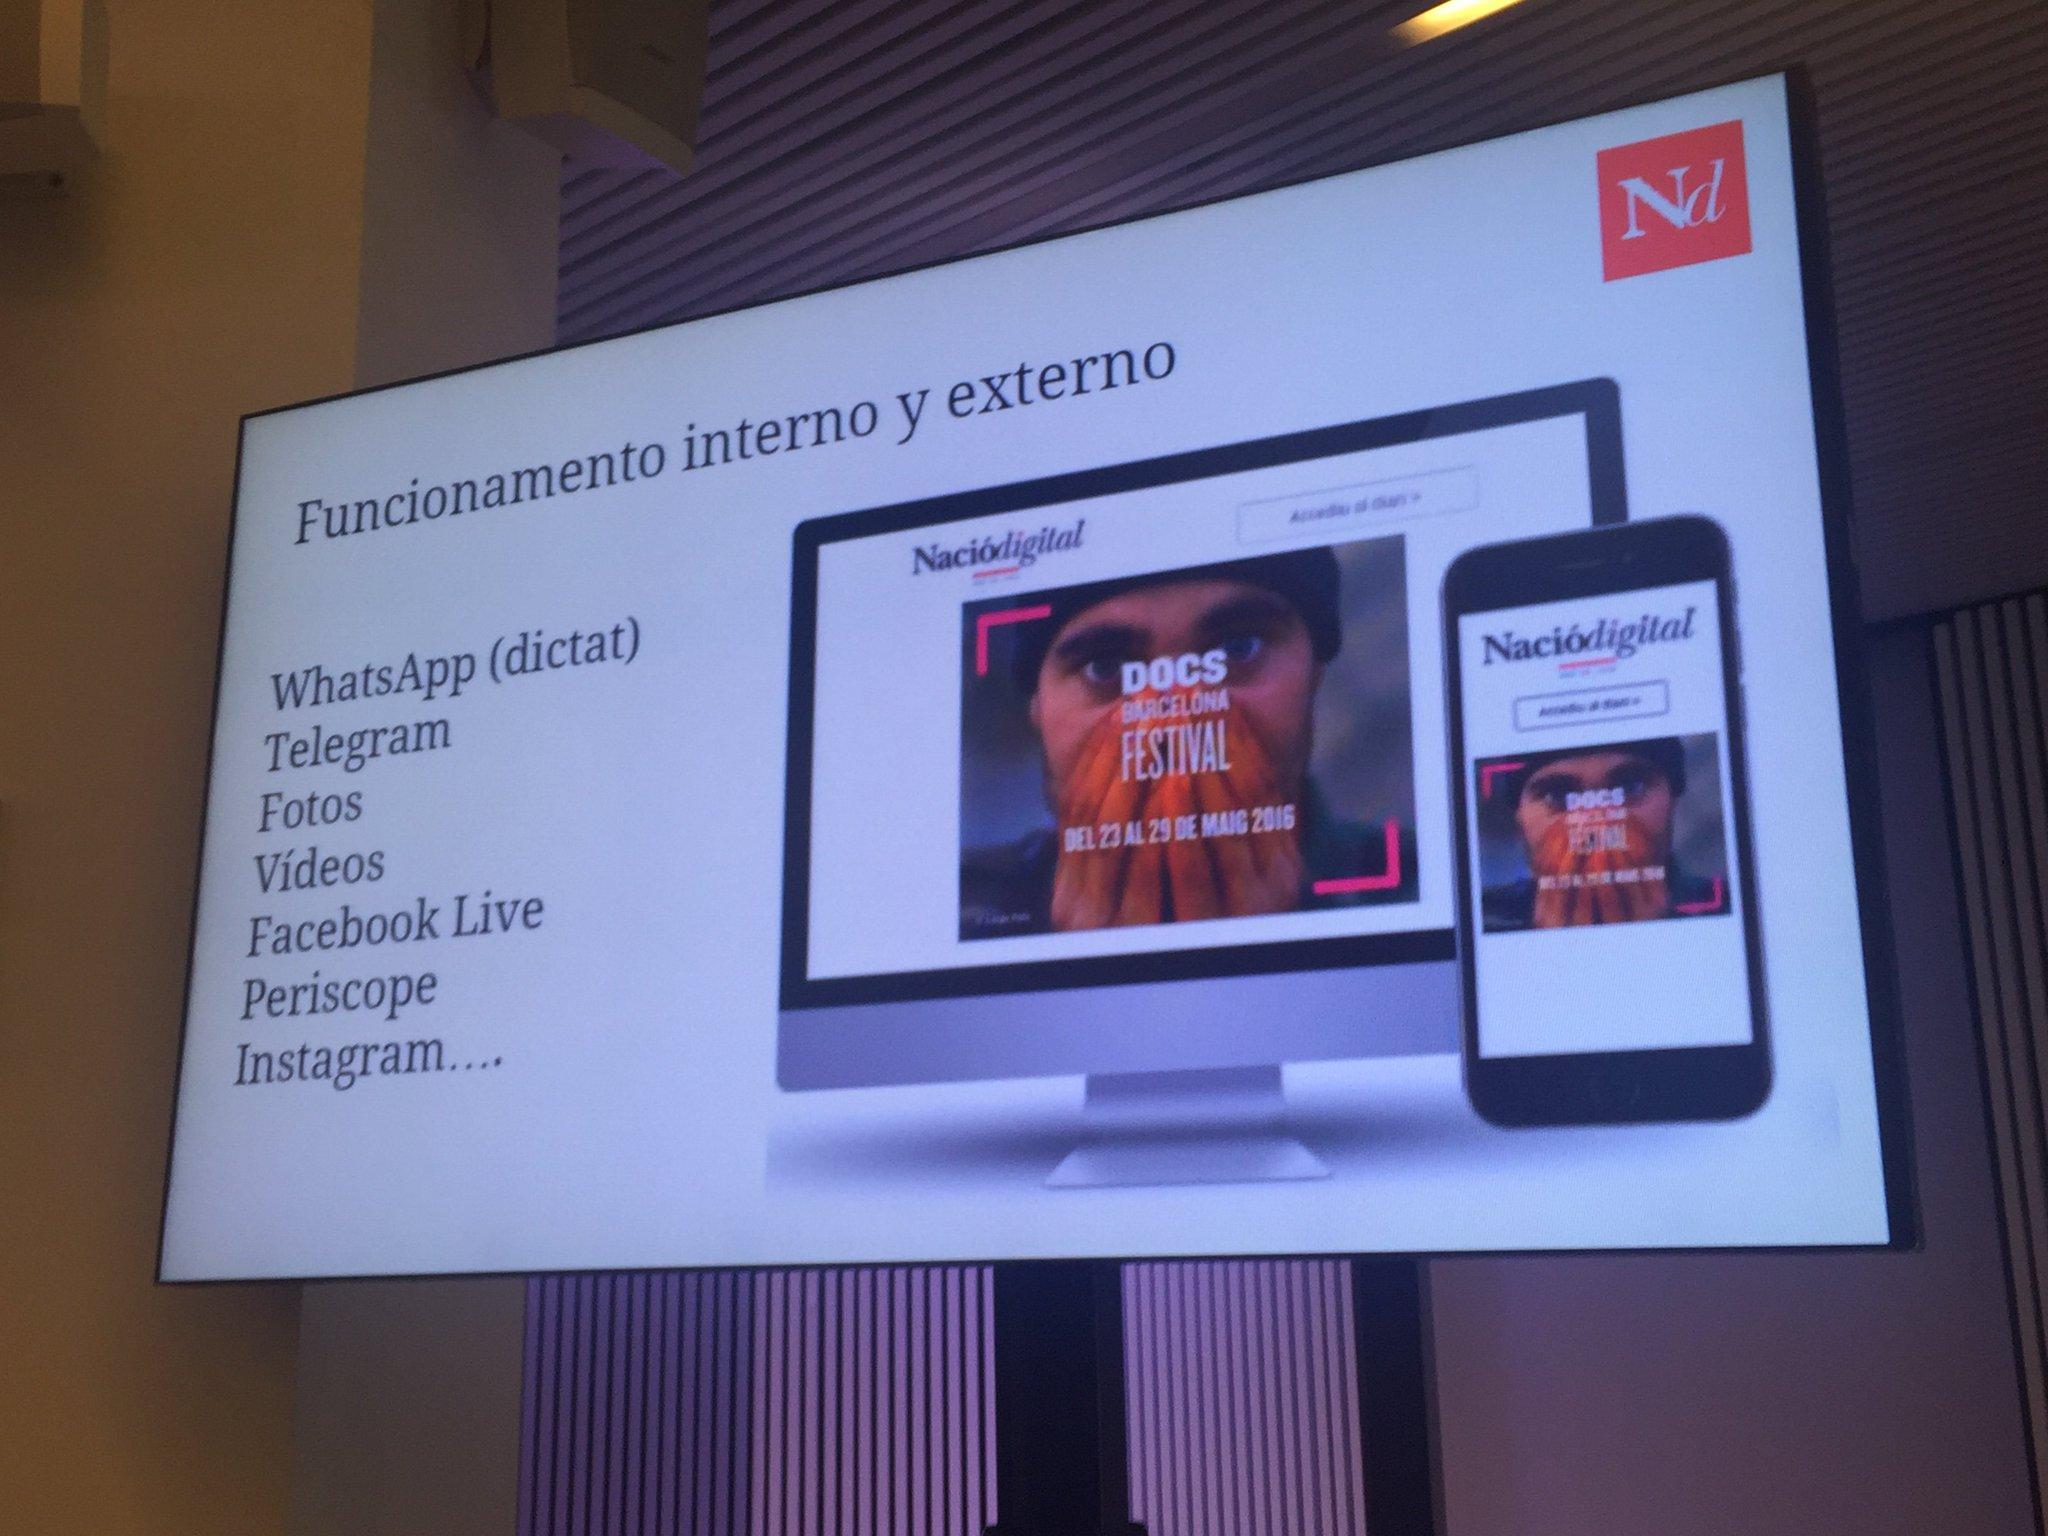 Estas son las herramientas móviles imprescindibles en @naciodigital y que nos está contando @kpeiro en #MoJoBCN. https://t.co/NEAMITJWRA